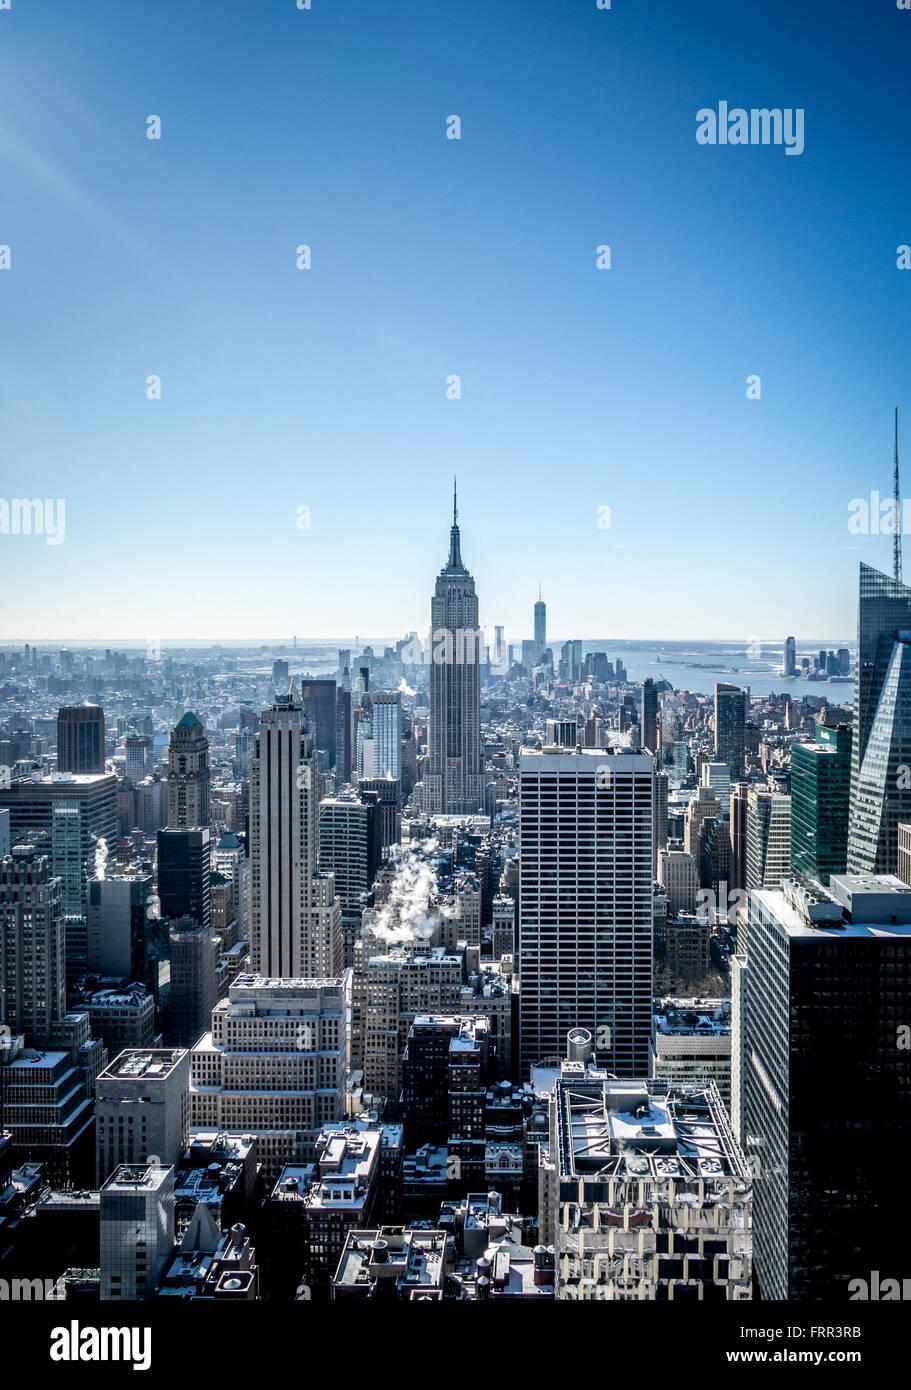 El Empire State Building, Nueva York, EE.UU., vistos desde la plataforma de observación del Rockefeller Center Imagen De Stock